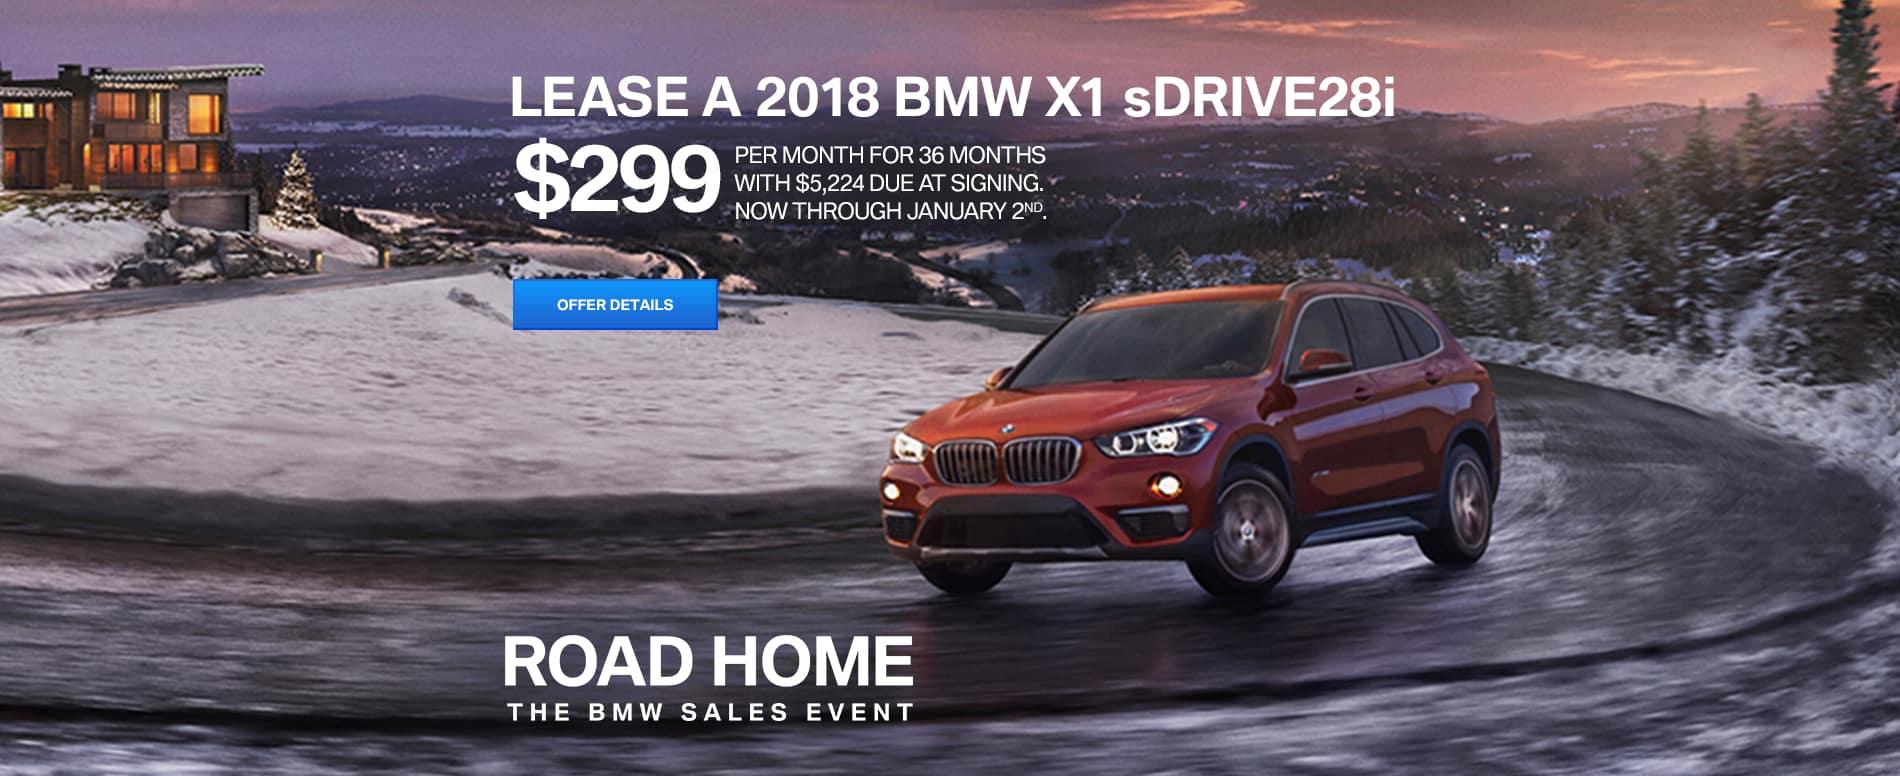 2018 BMW X1 Slider